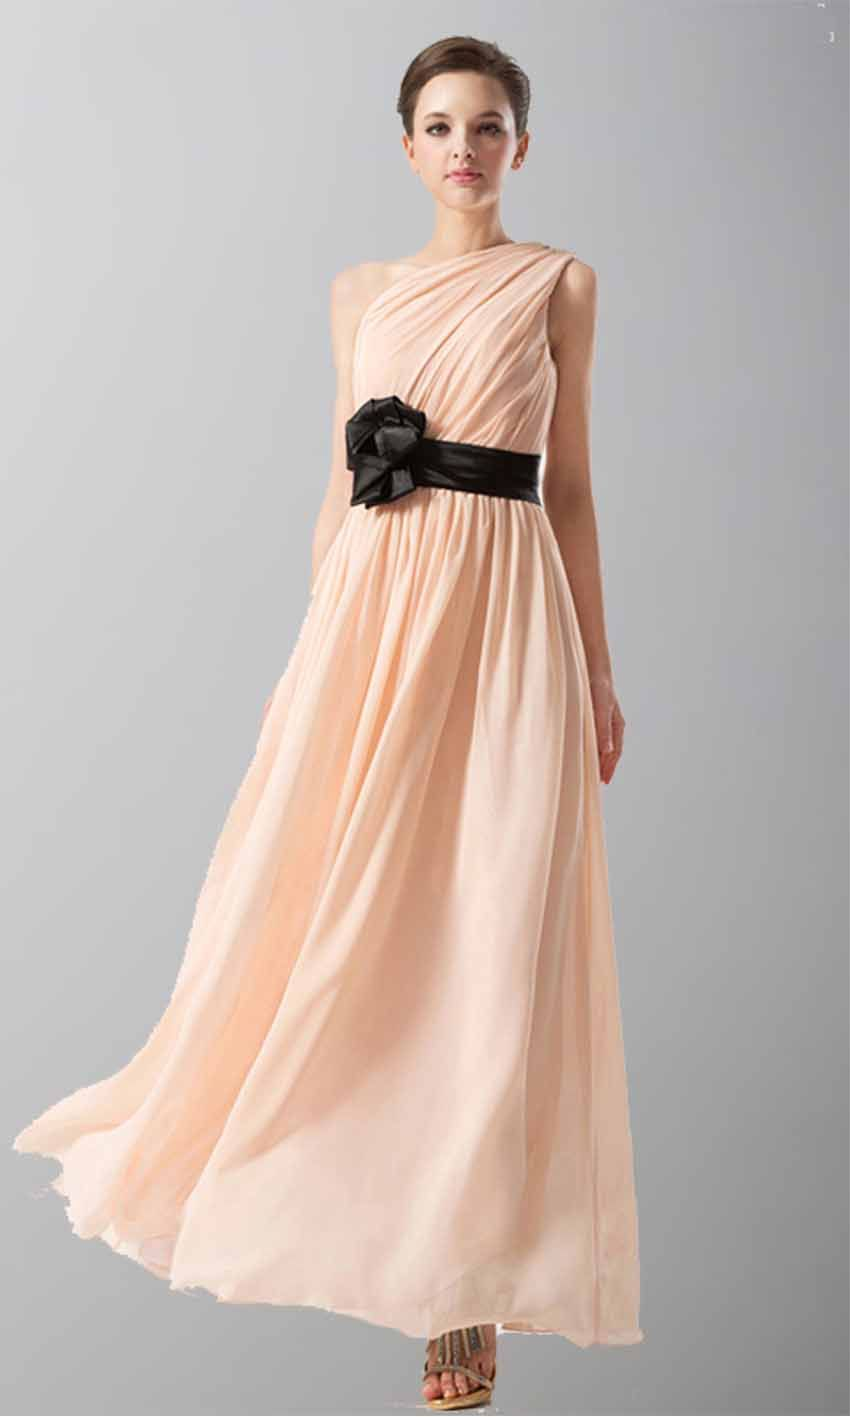 Pink one shoulder long chiffon bridesmaid dress with belt ksp167 pink one shoulder long chiffon bridesmaid dress with belt ksp167 ombrellifo Image collections